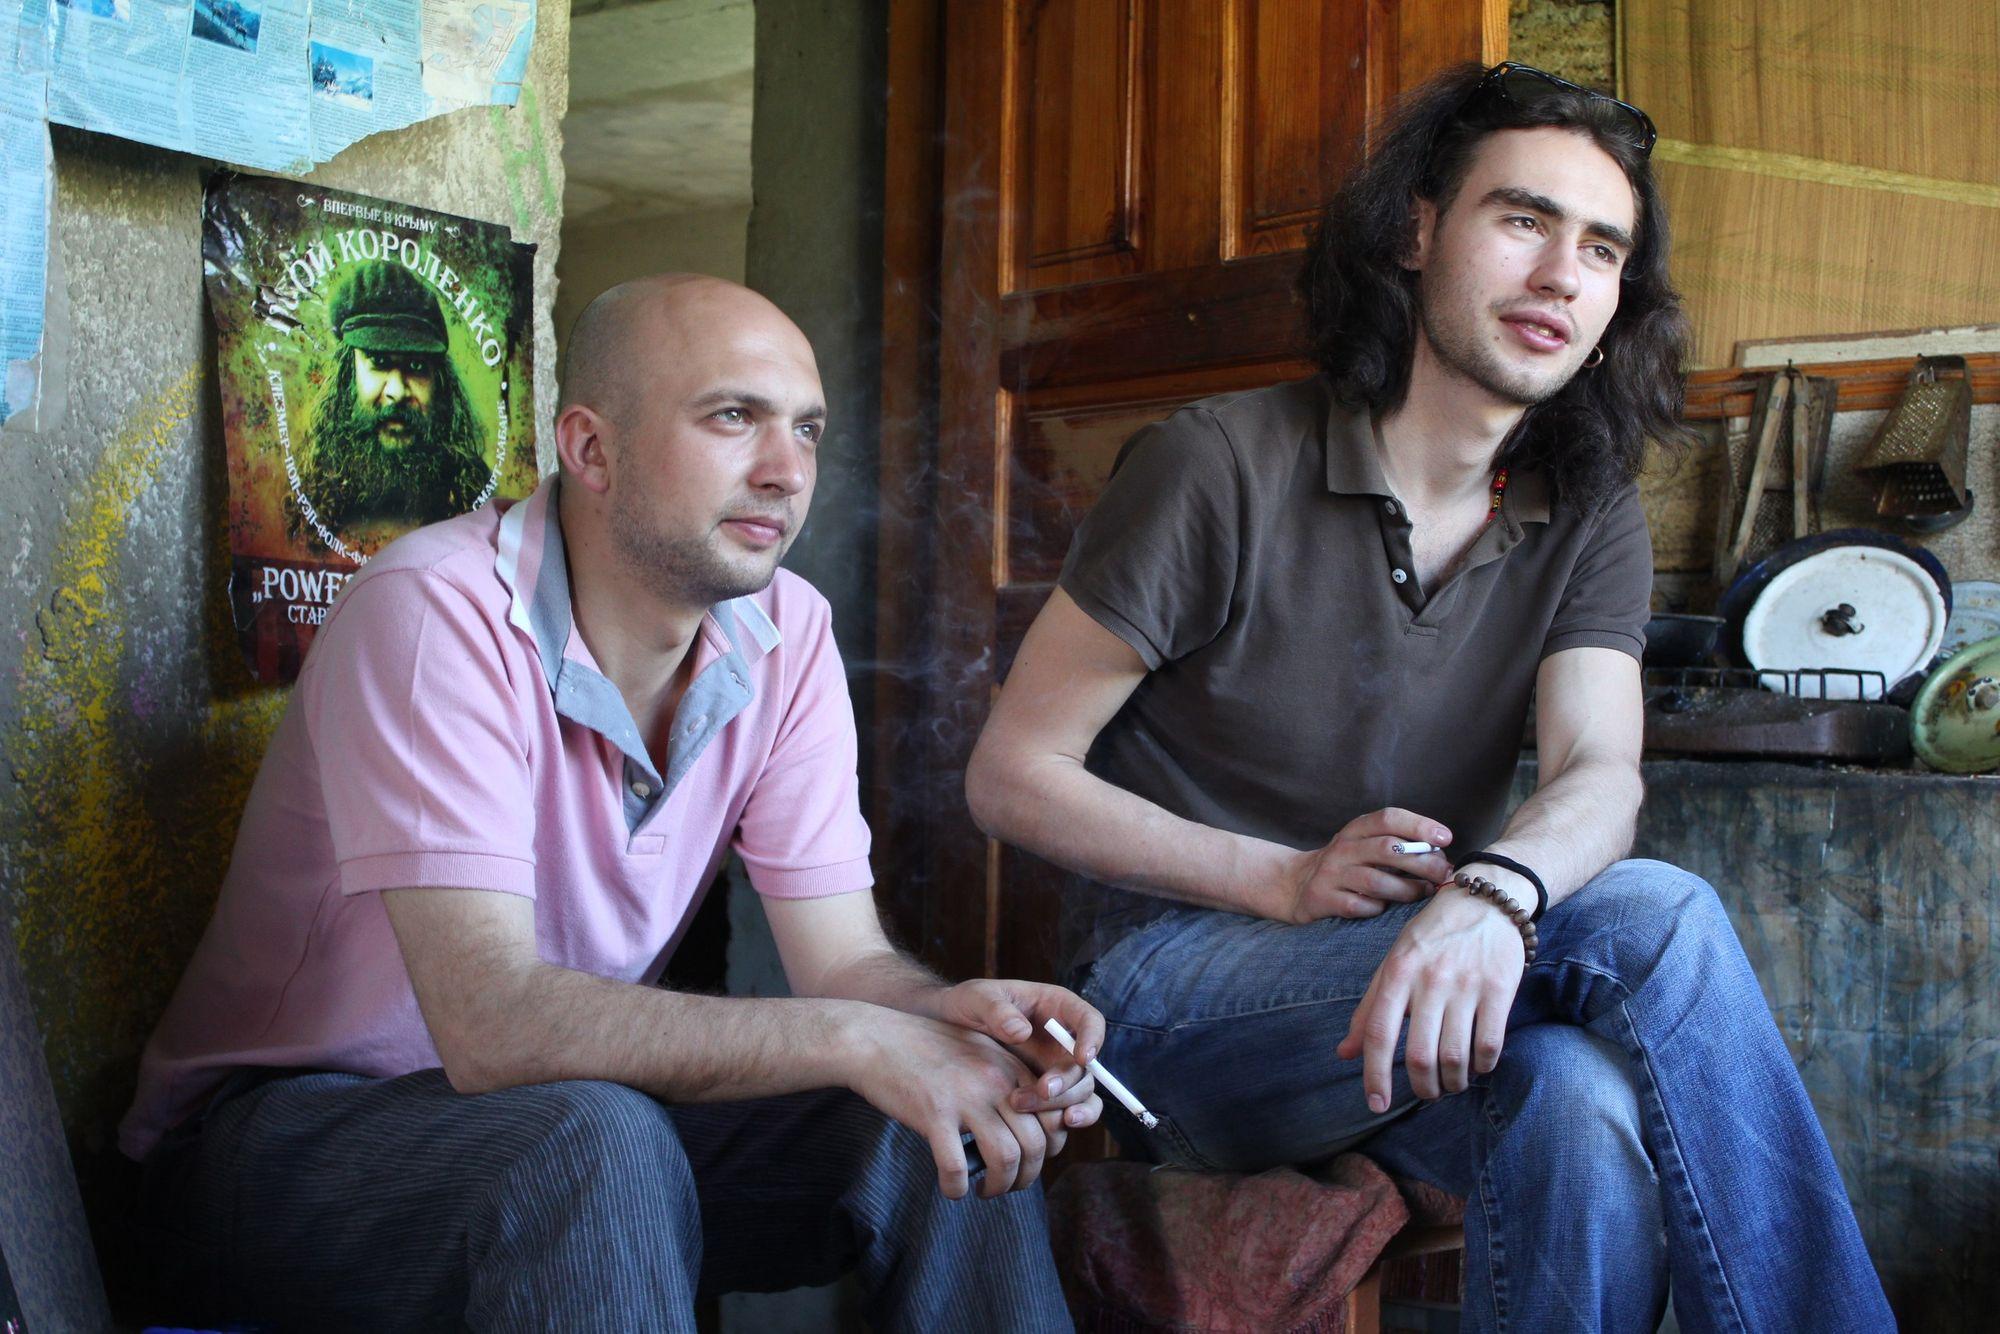 Photo by buddha.net.ua